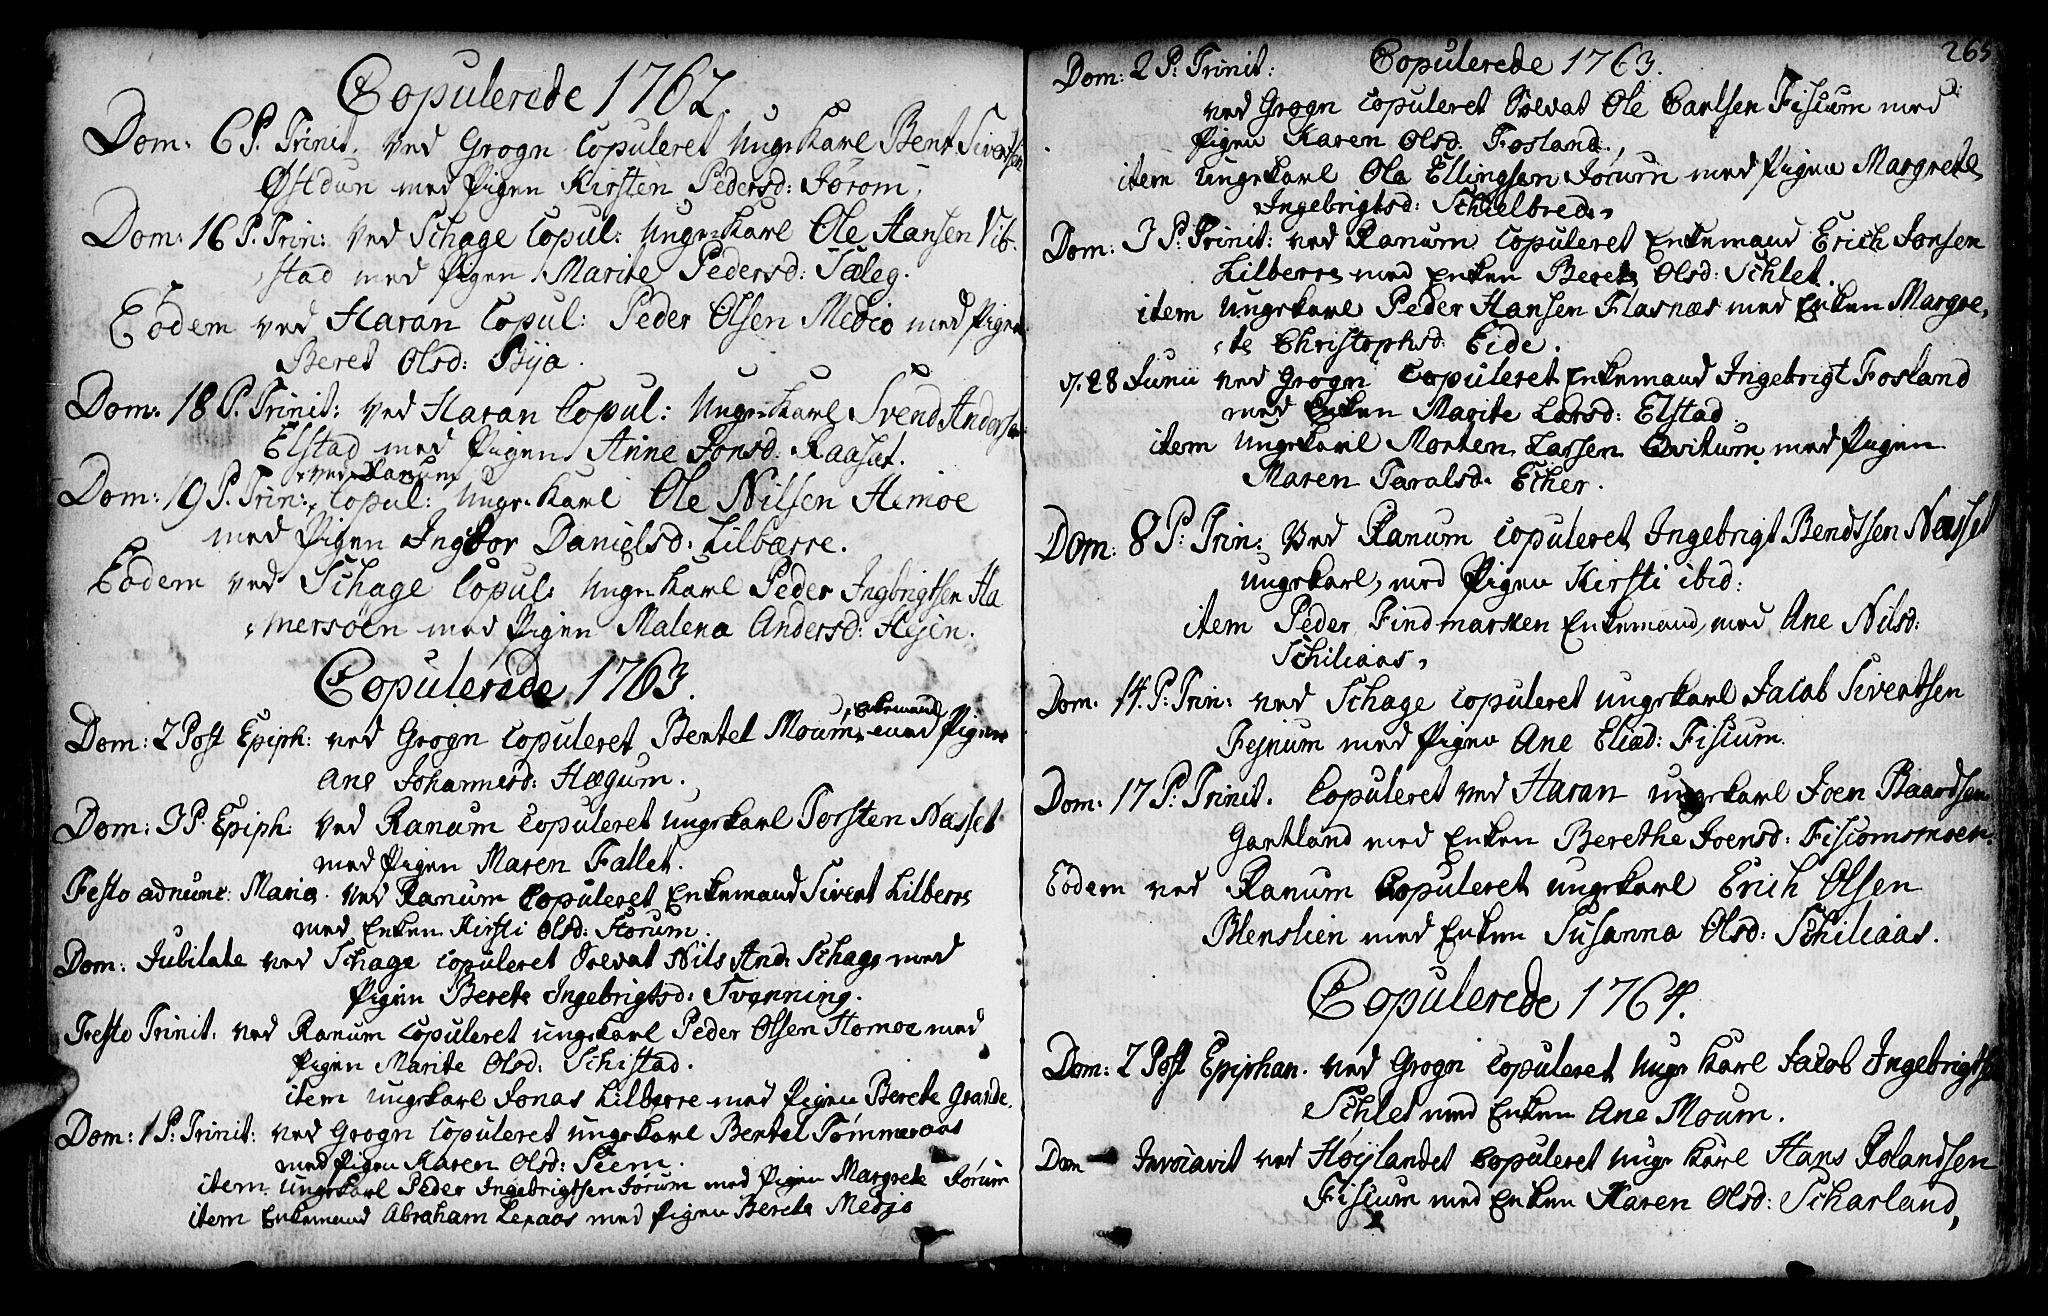 SAT, Ministerialprotokoller, klokkerbøker og fødselsregistre - Nord-Trøndelag, 764/L0542: Ministerialbok nr. 764A02, 1748-1779, s. 265